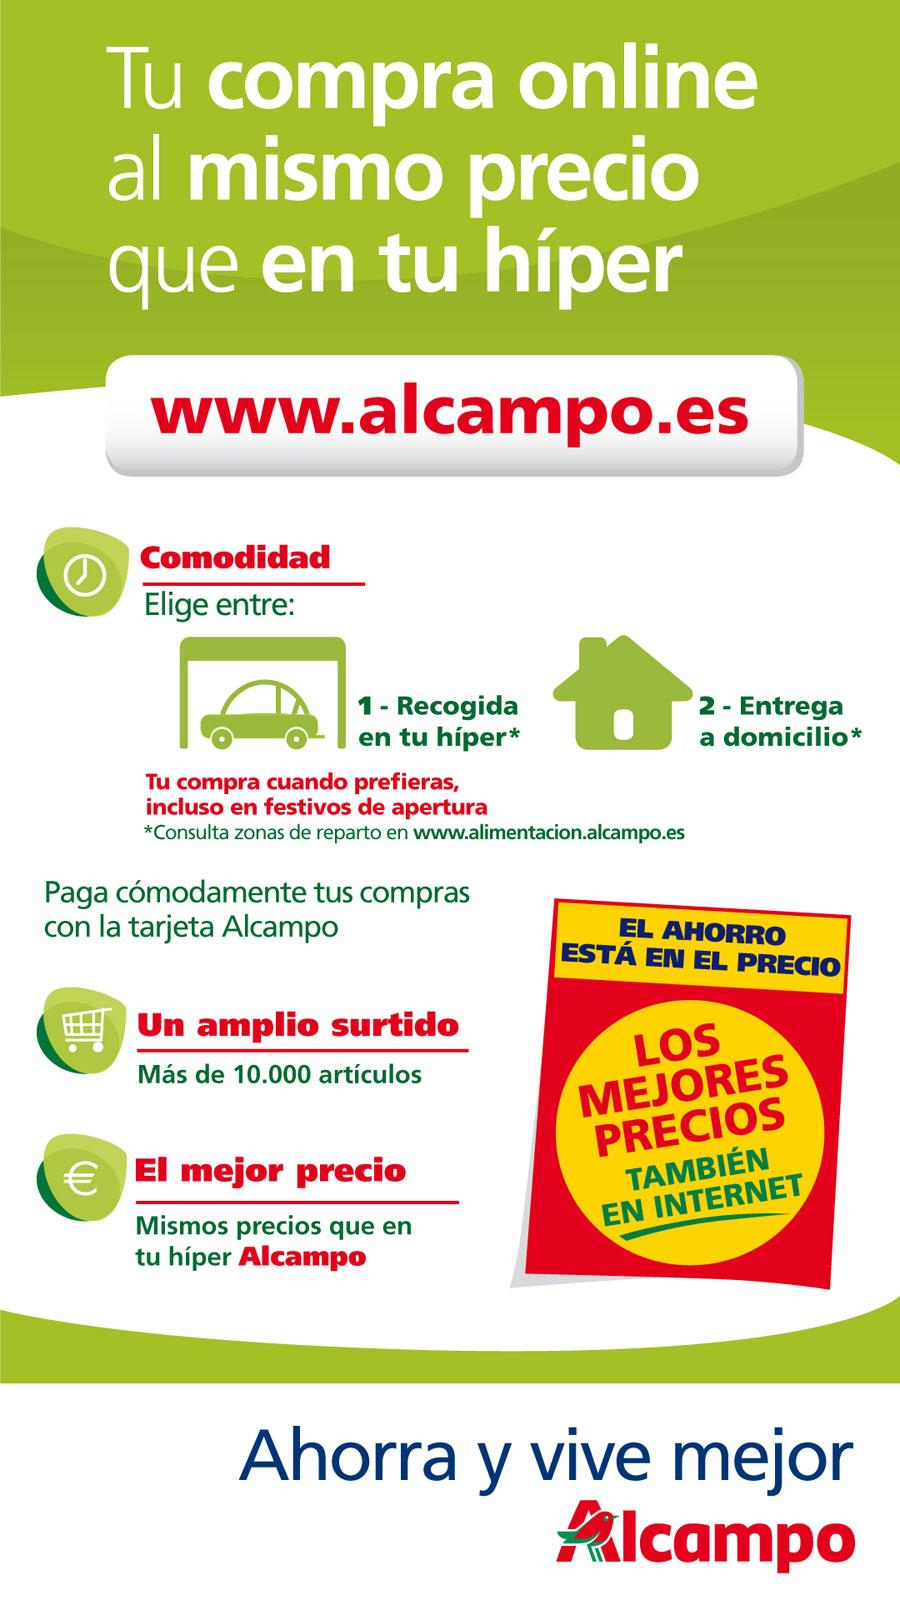 Compra online Alcampo cas